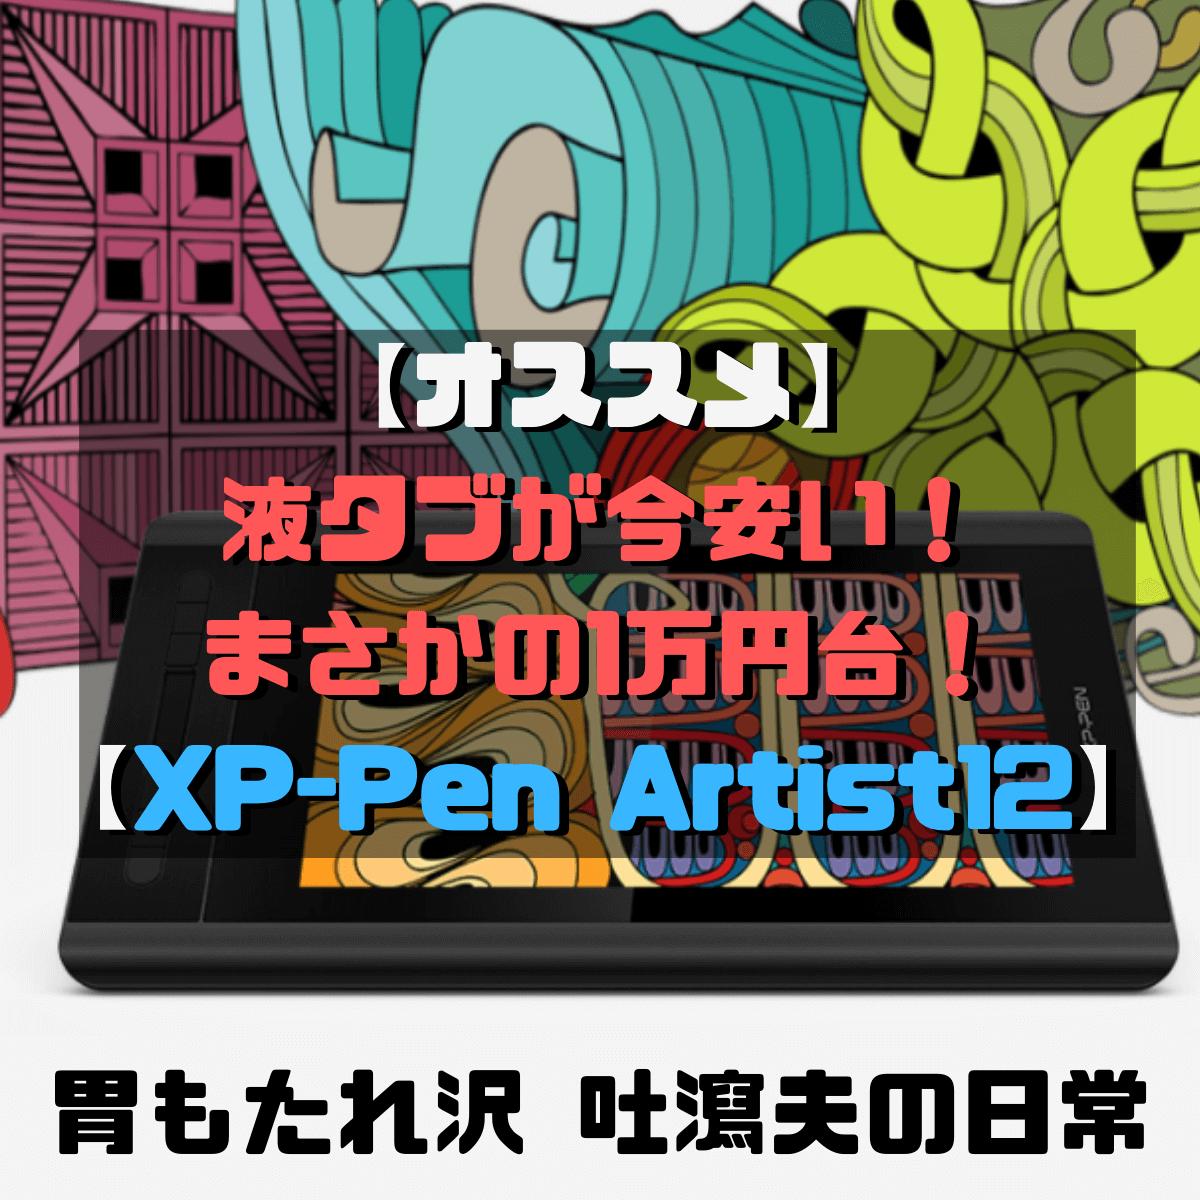 【オススメ】 液タブが今安い! まさかの1万円台! 【XP-Pen Artist12】